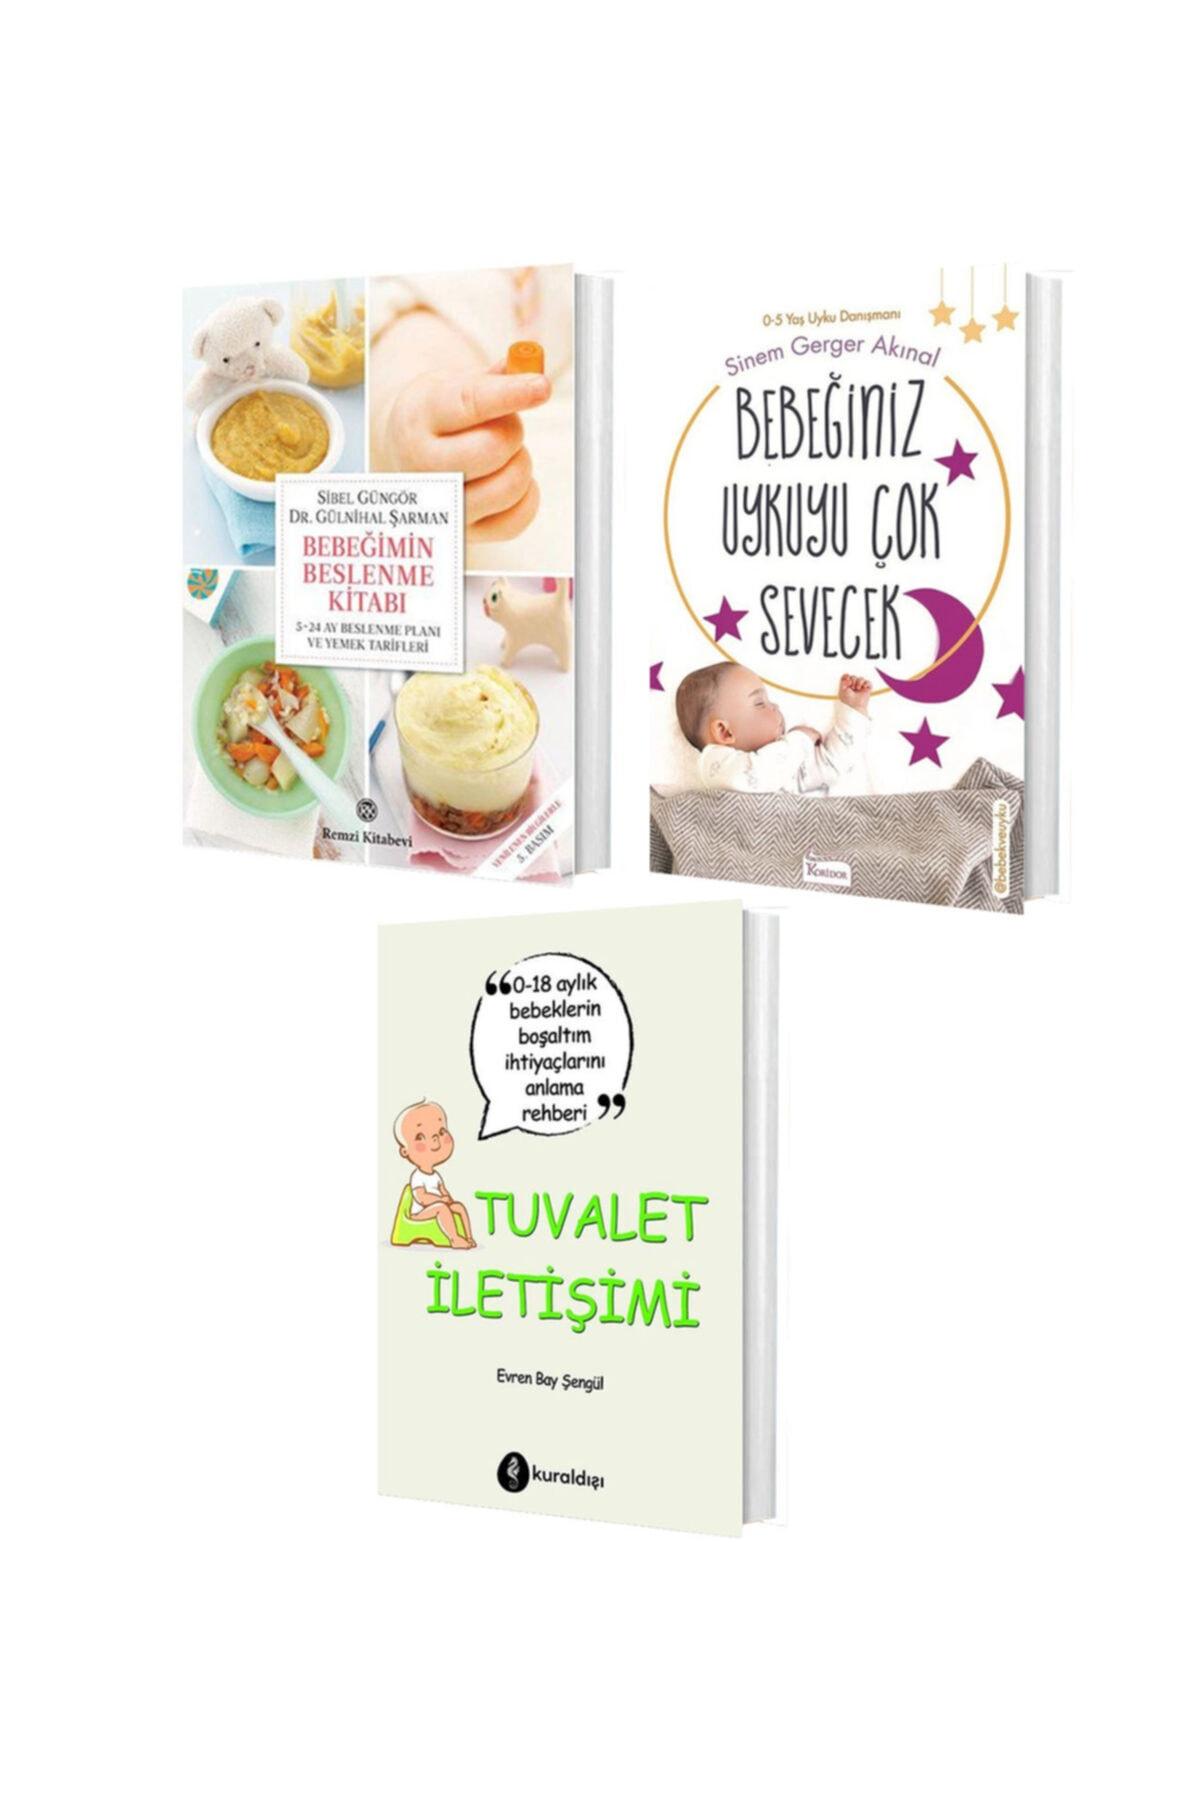 peta kitap Bebek Eğitim Seti ( Bebeğimin Beslenme Kitabı - Bebeğiniz Uykuyu Çok Sevecek - Tuvalet Iletişimi ) 1